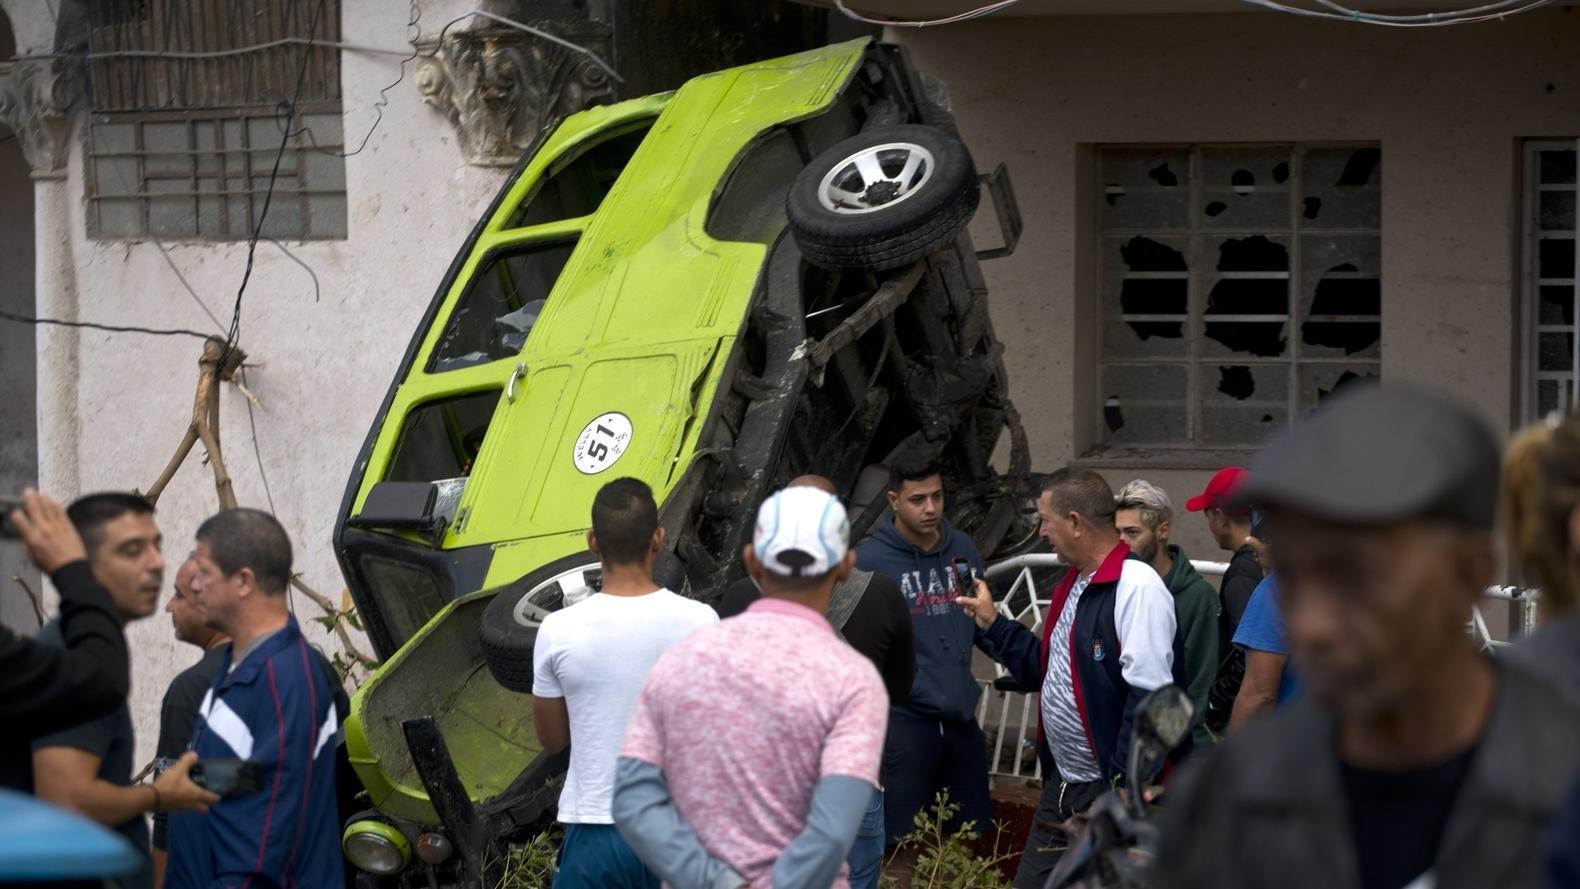 28.01.2017, Kuba, Havanna: Menschen stehen vor einem umgeworfenen Transporter, der an einer Hauswand liegt.